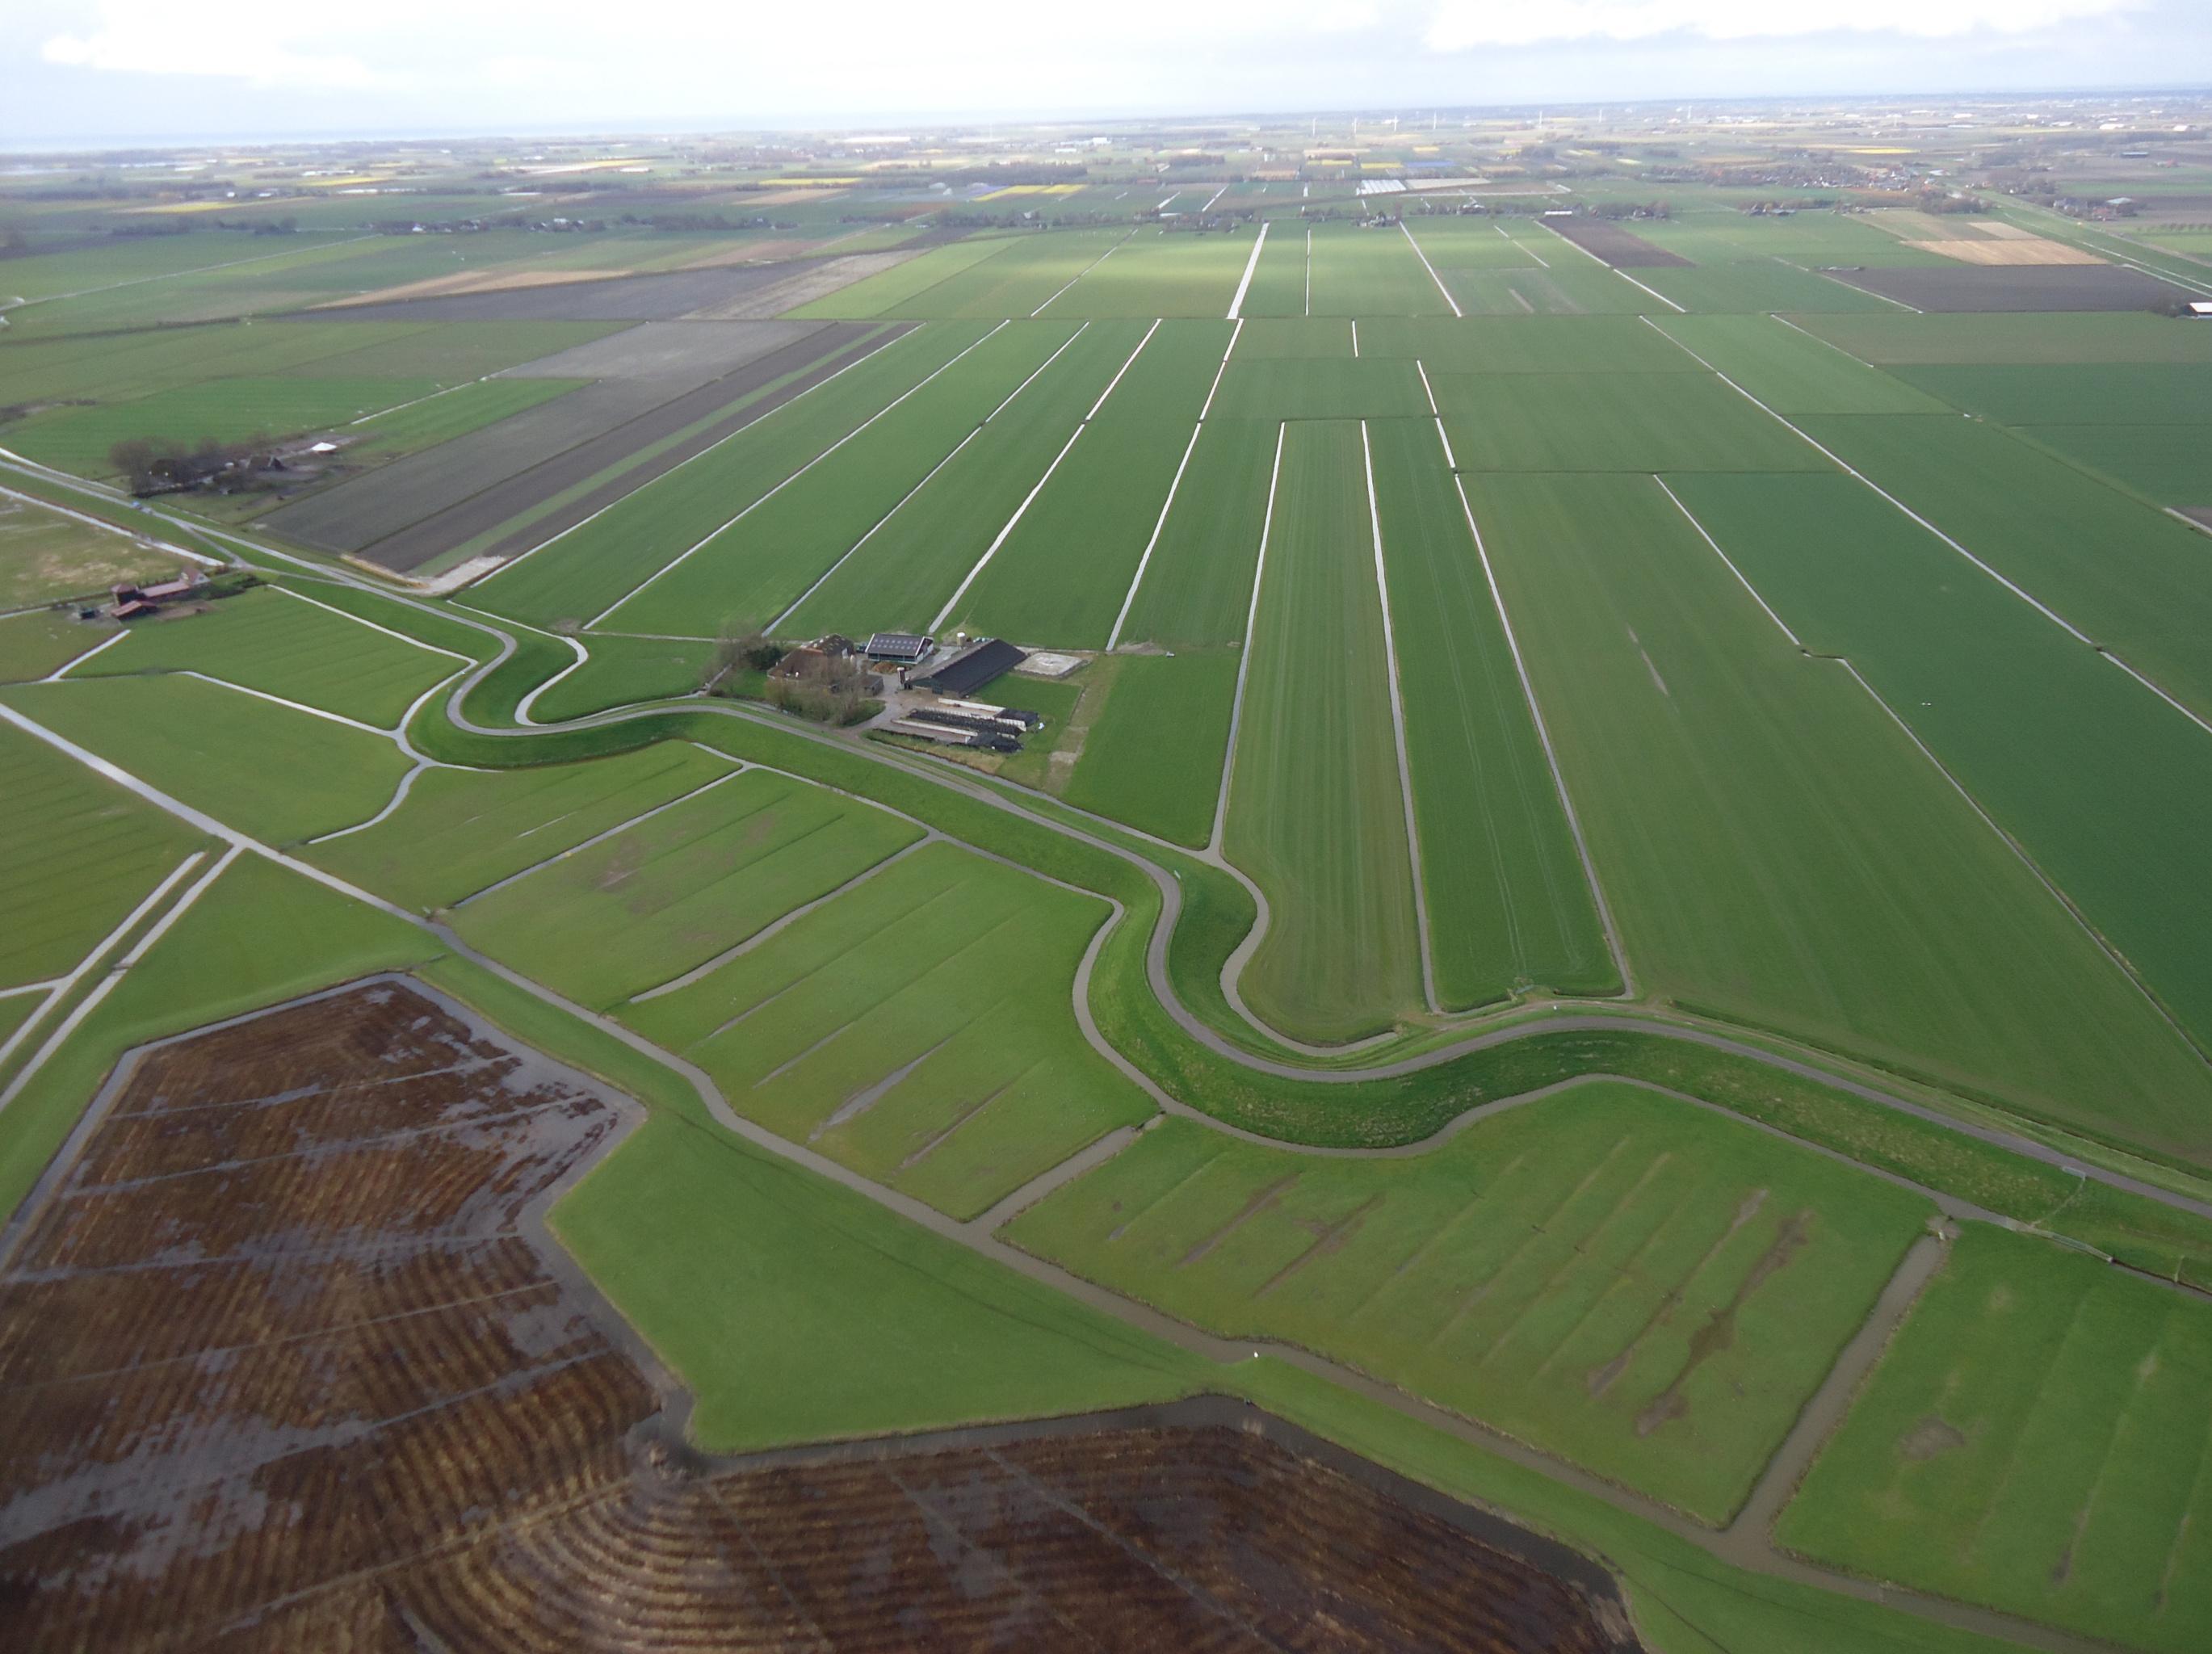 De Westfriese Omringdijk moet Werelderfgoed worden. En Schagen moet het voortouw nemen, vinden de initiatiefnemers